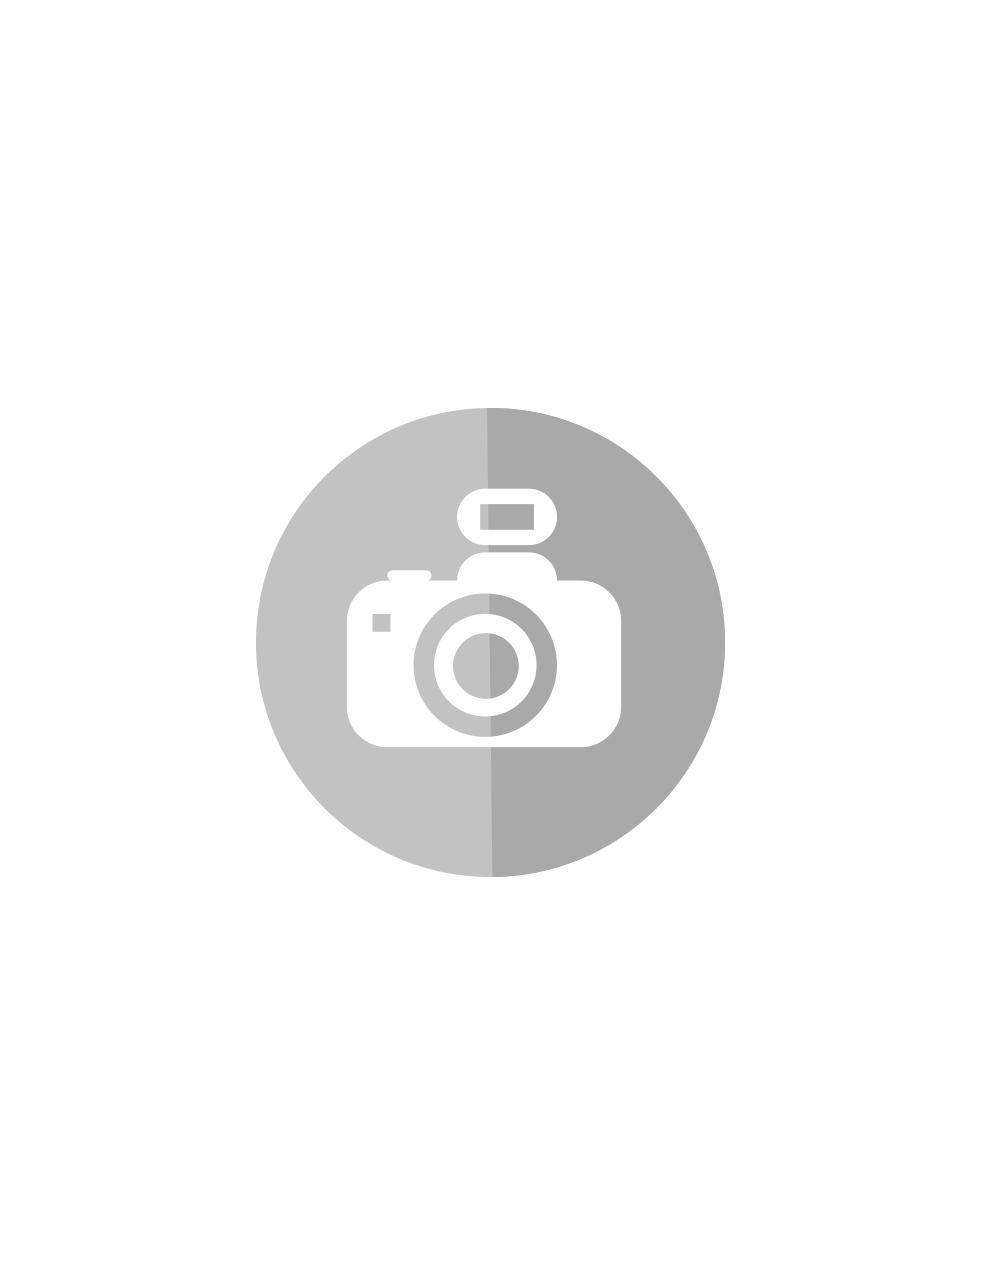 category_image_FUNDGRUBE